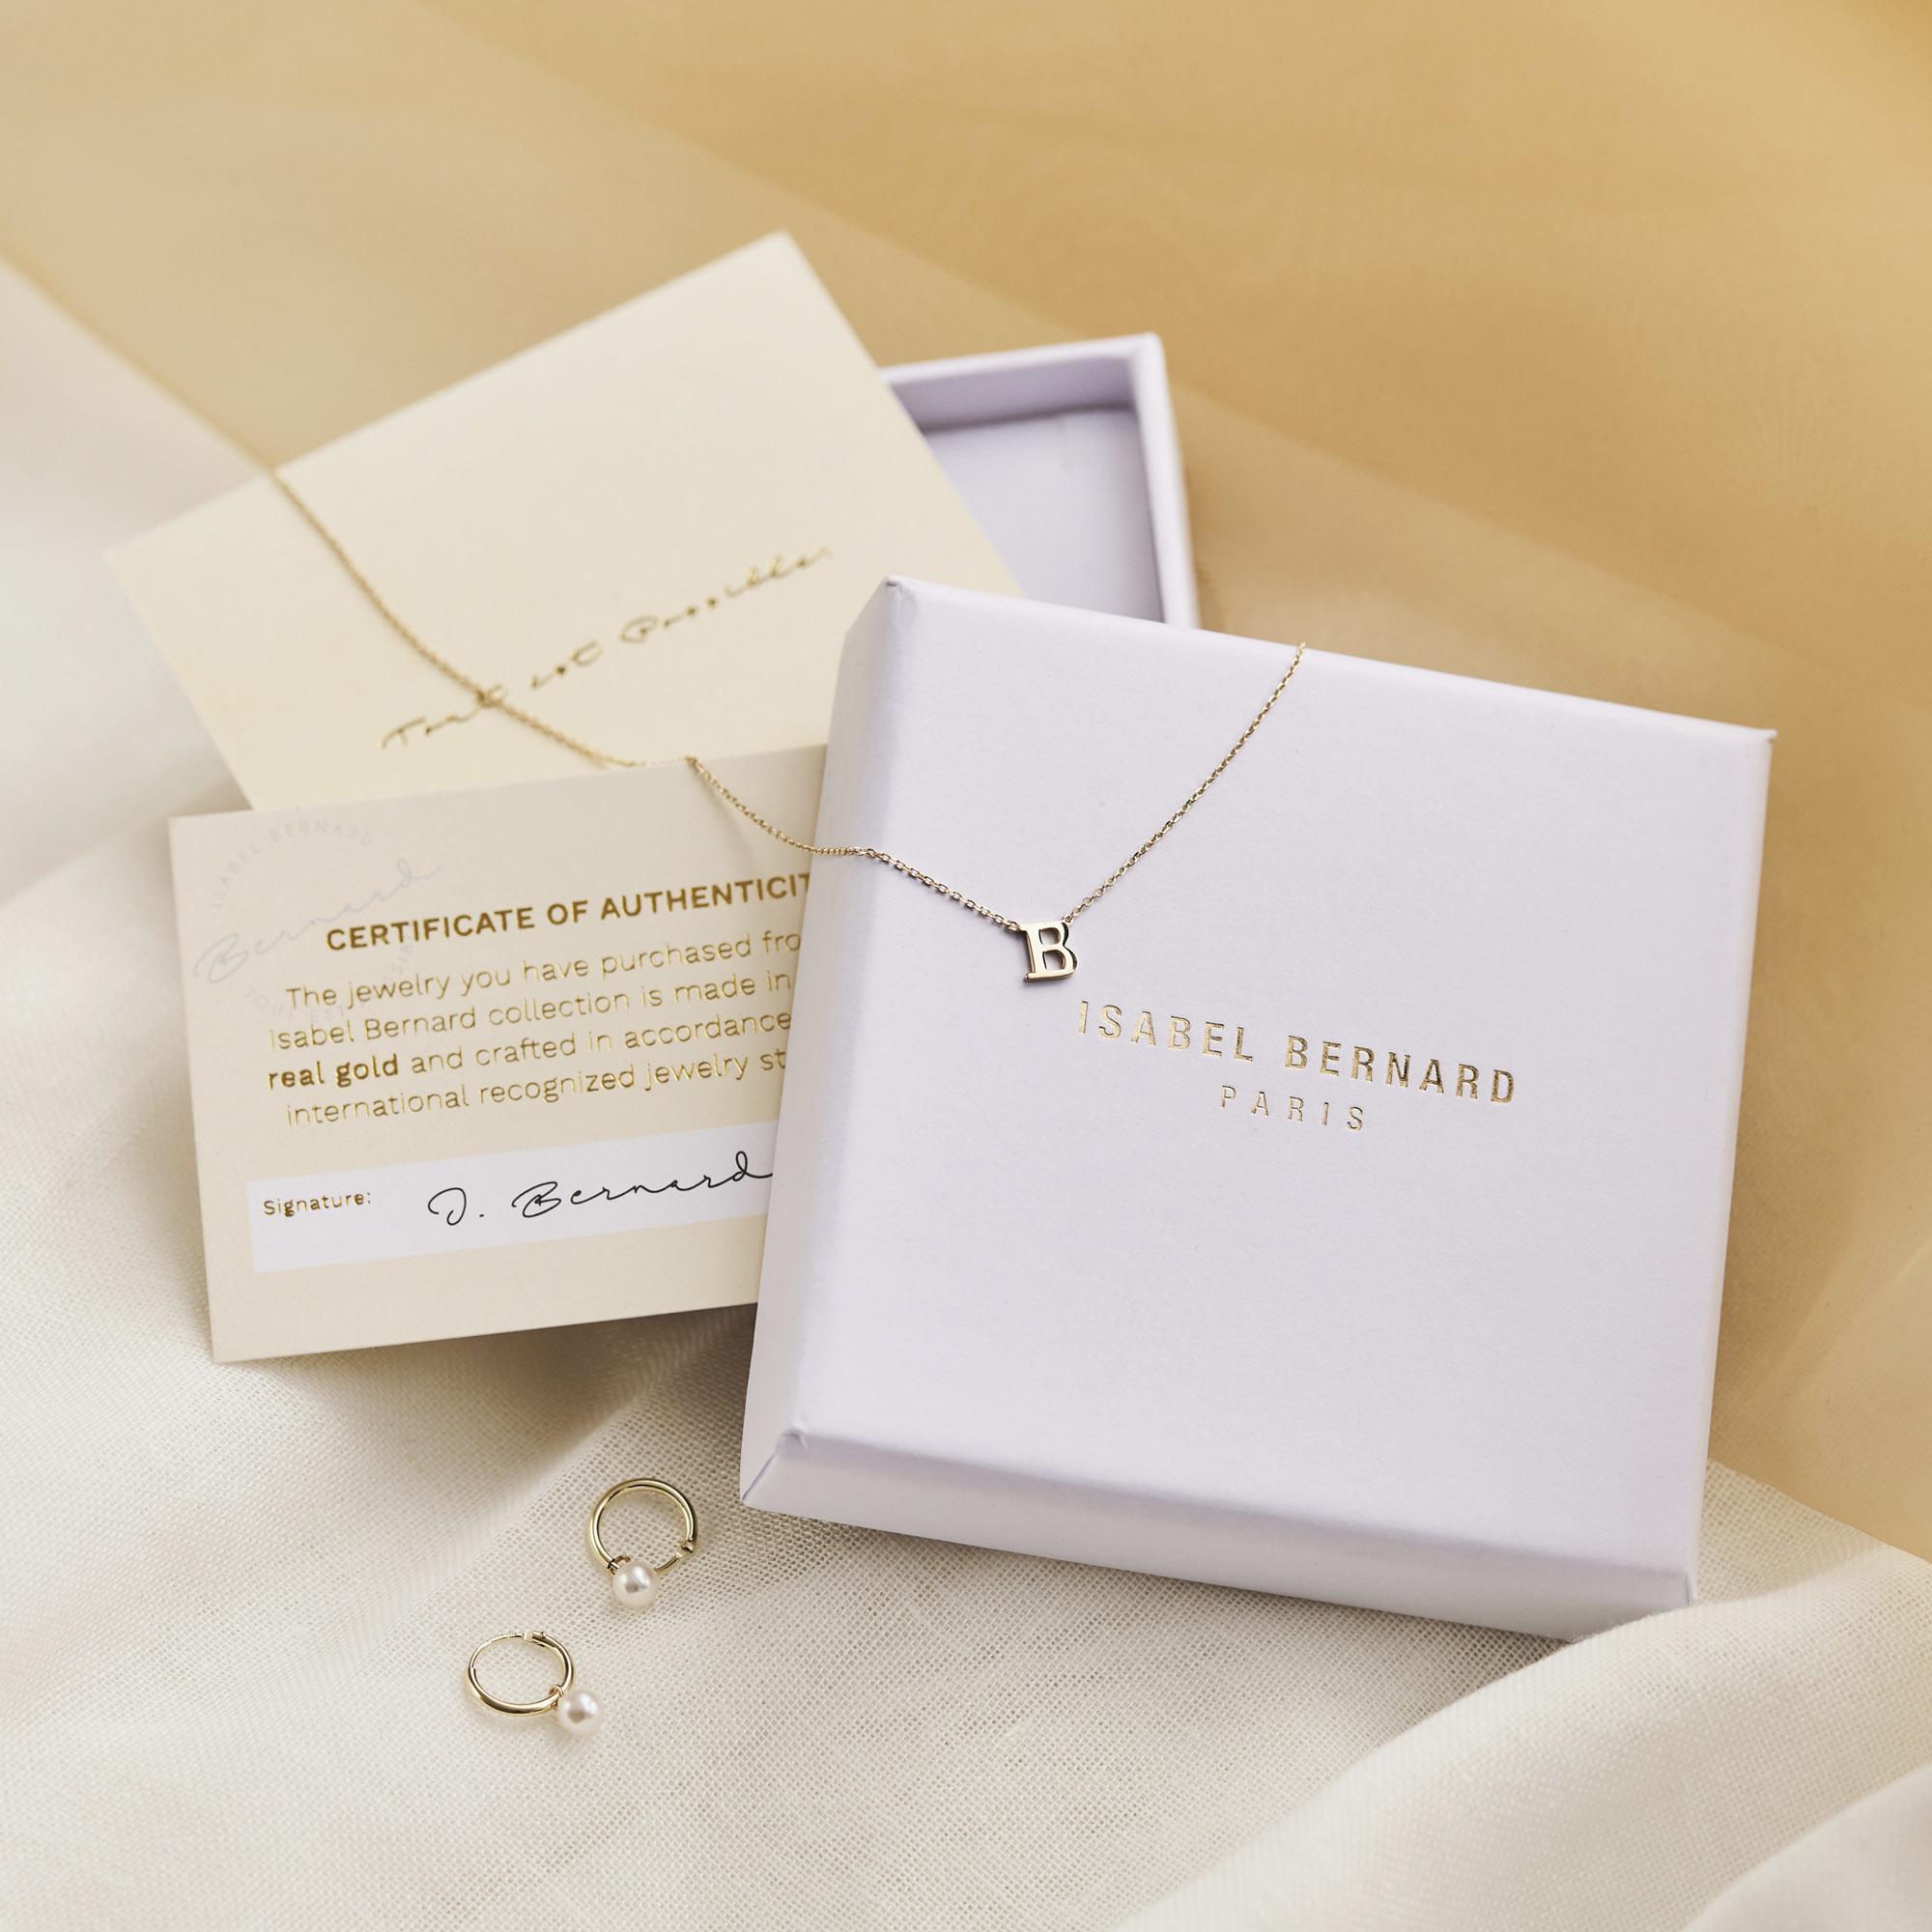 Isabel Bernard Belleville Mila 14 karat gold bracelet with freshwater pearls